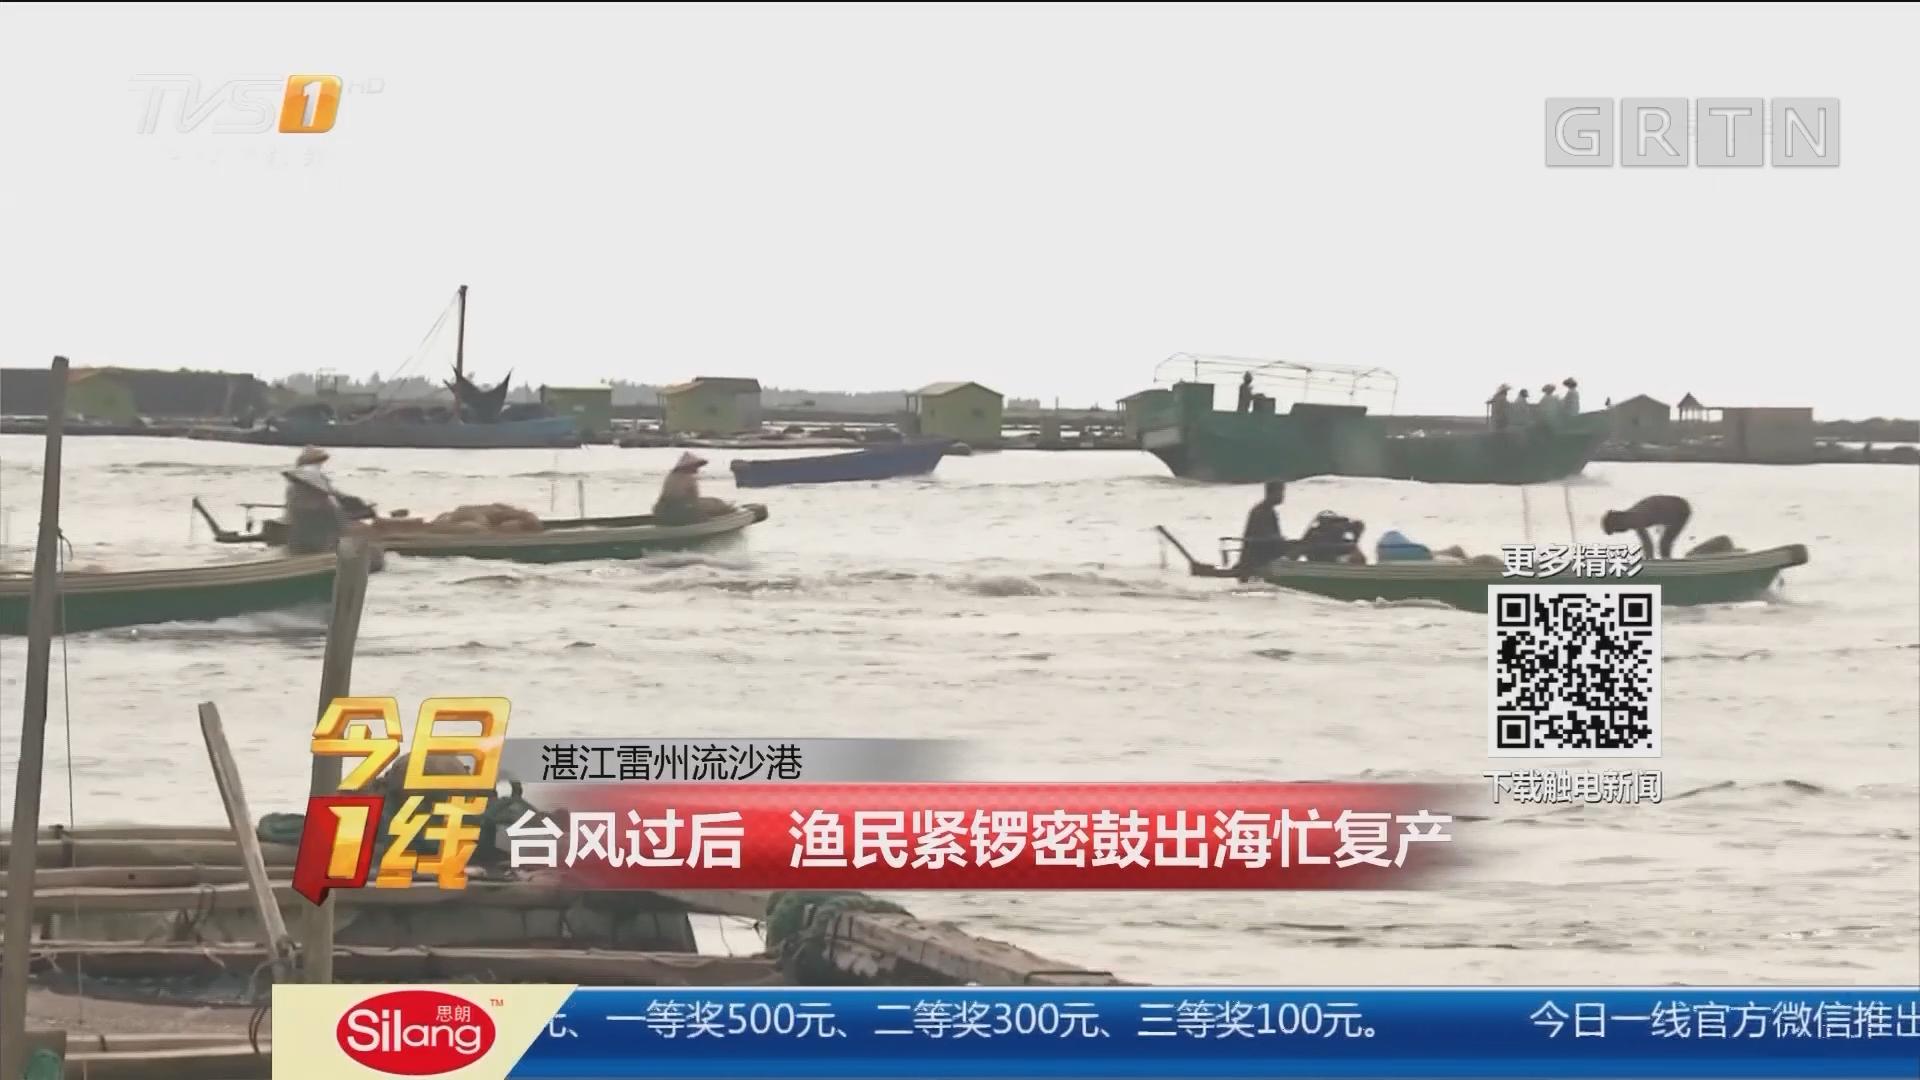 湛江雷州流沙港:台风过后 渔民紧锣密鼓出海忙复产